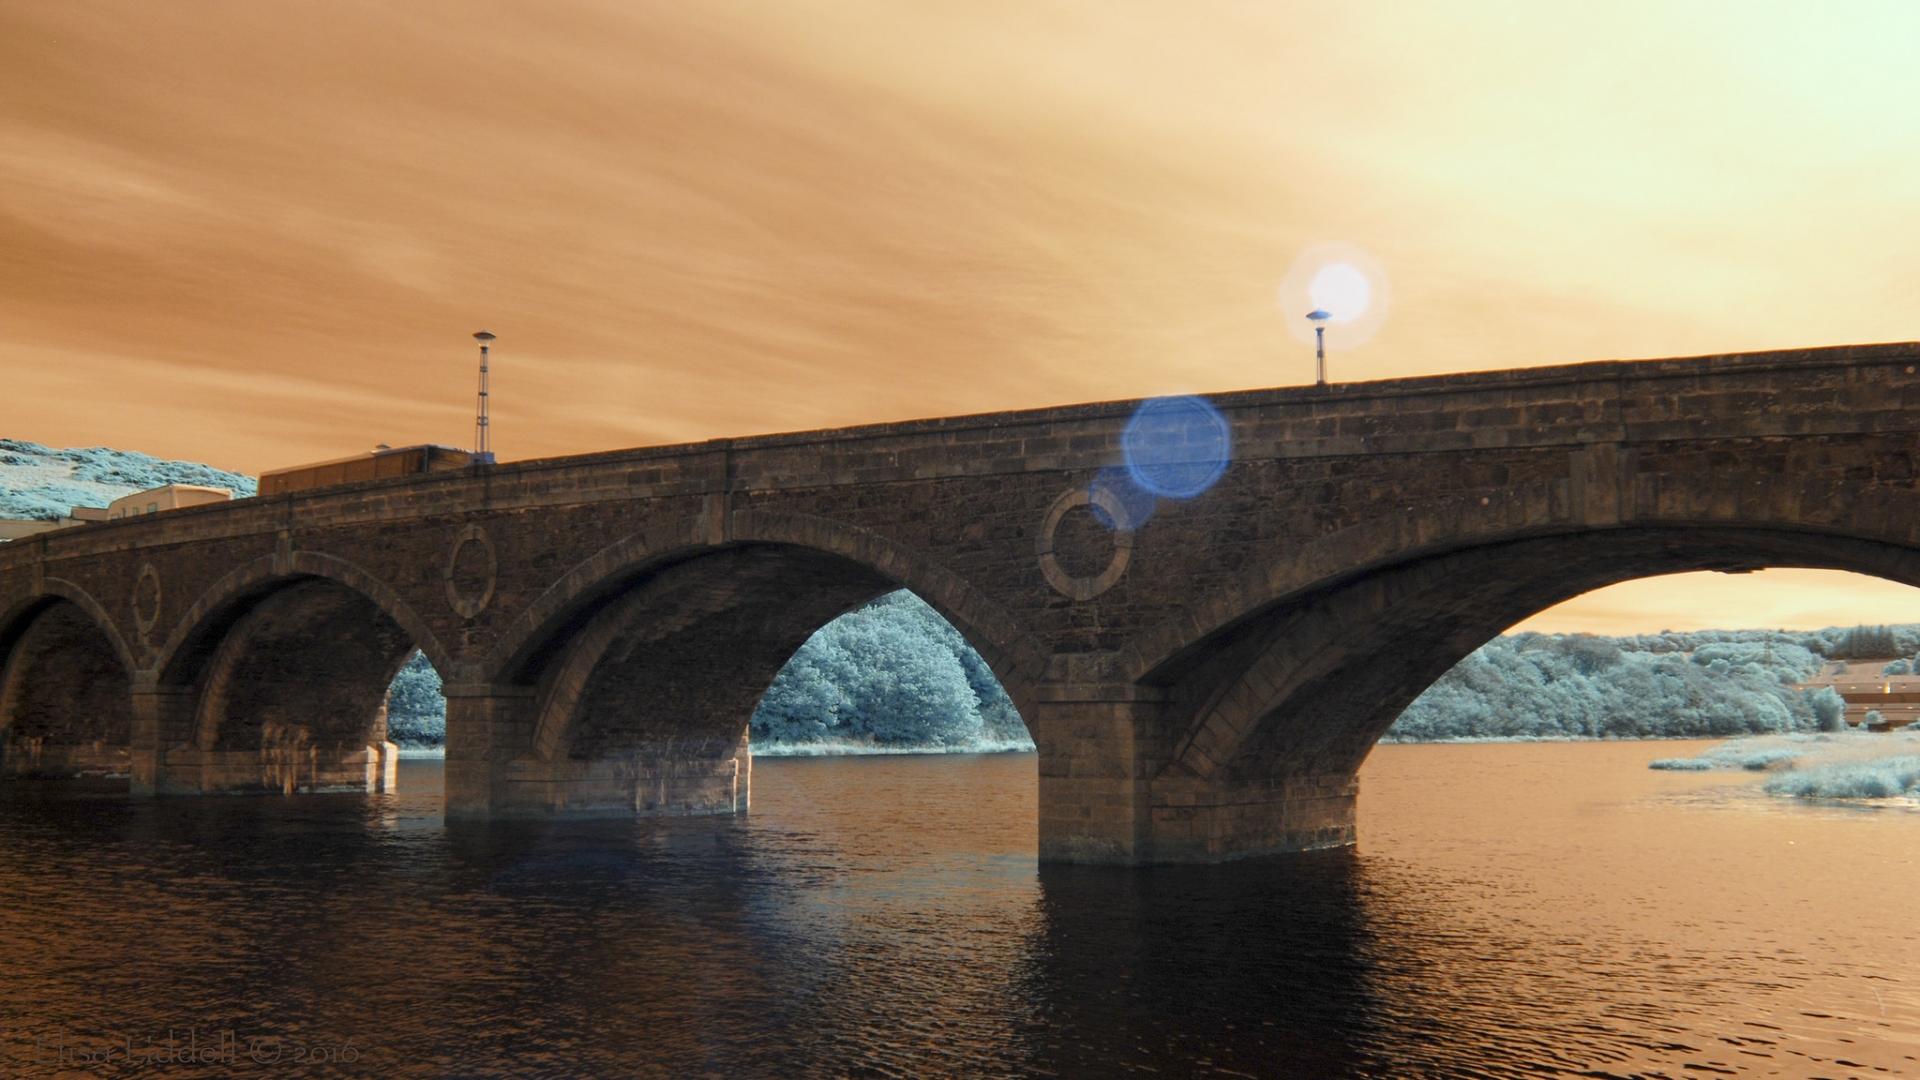 Puentes y puestas de sol - 1920x1080